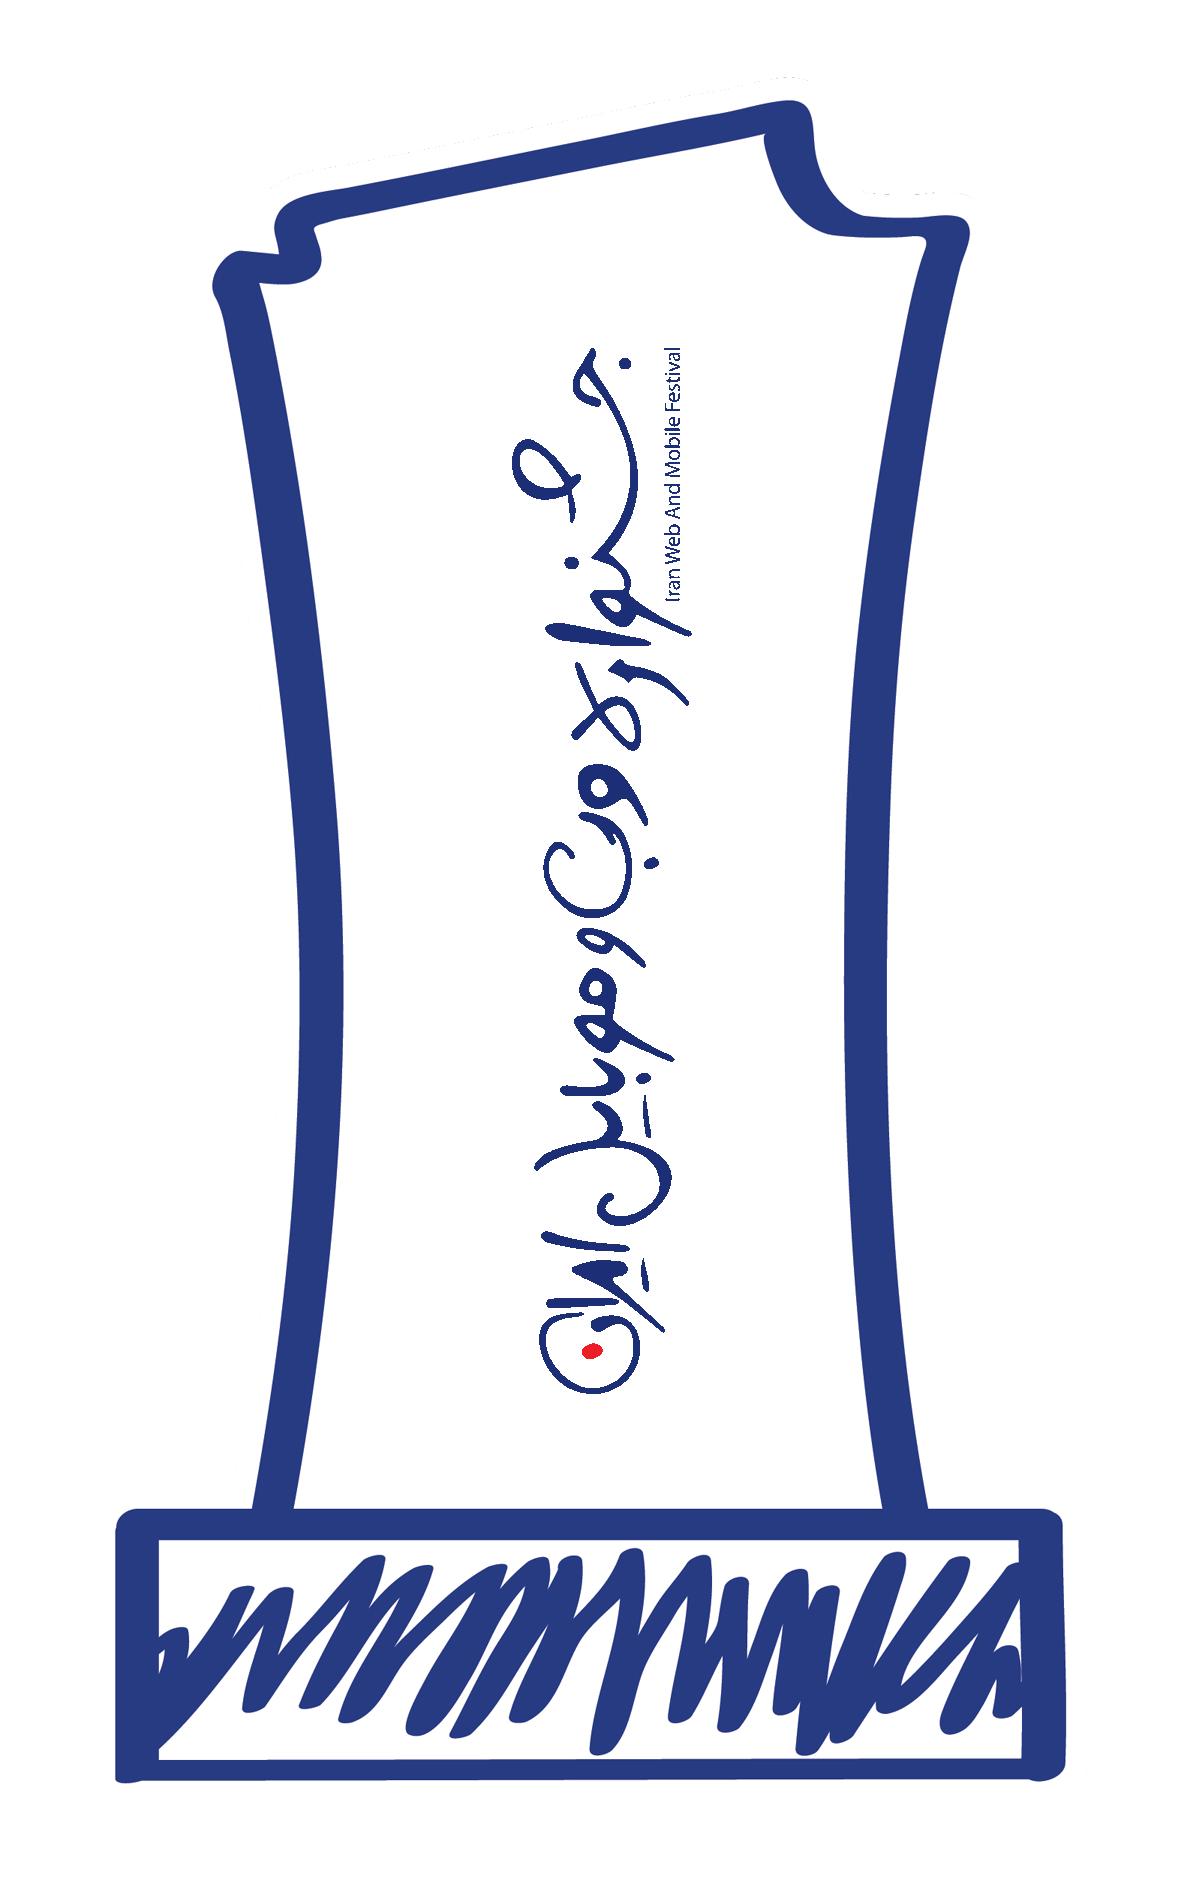 سایت برگزیده مردمی در جشنواره وب ایران در سال 95